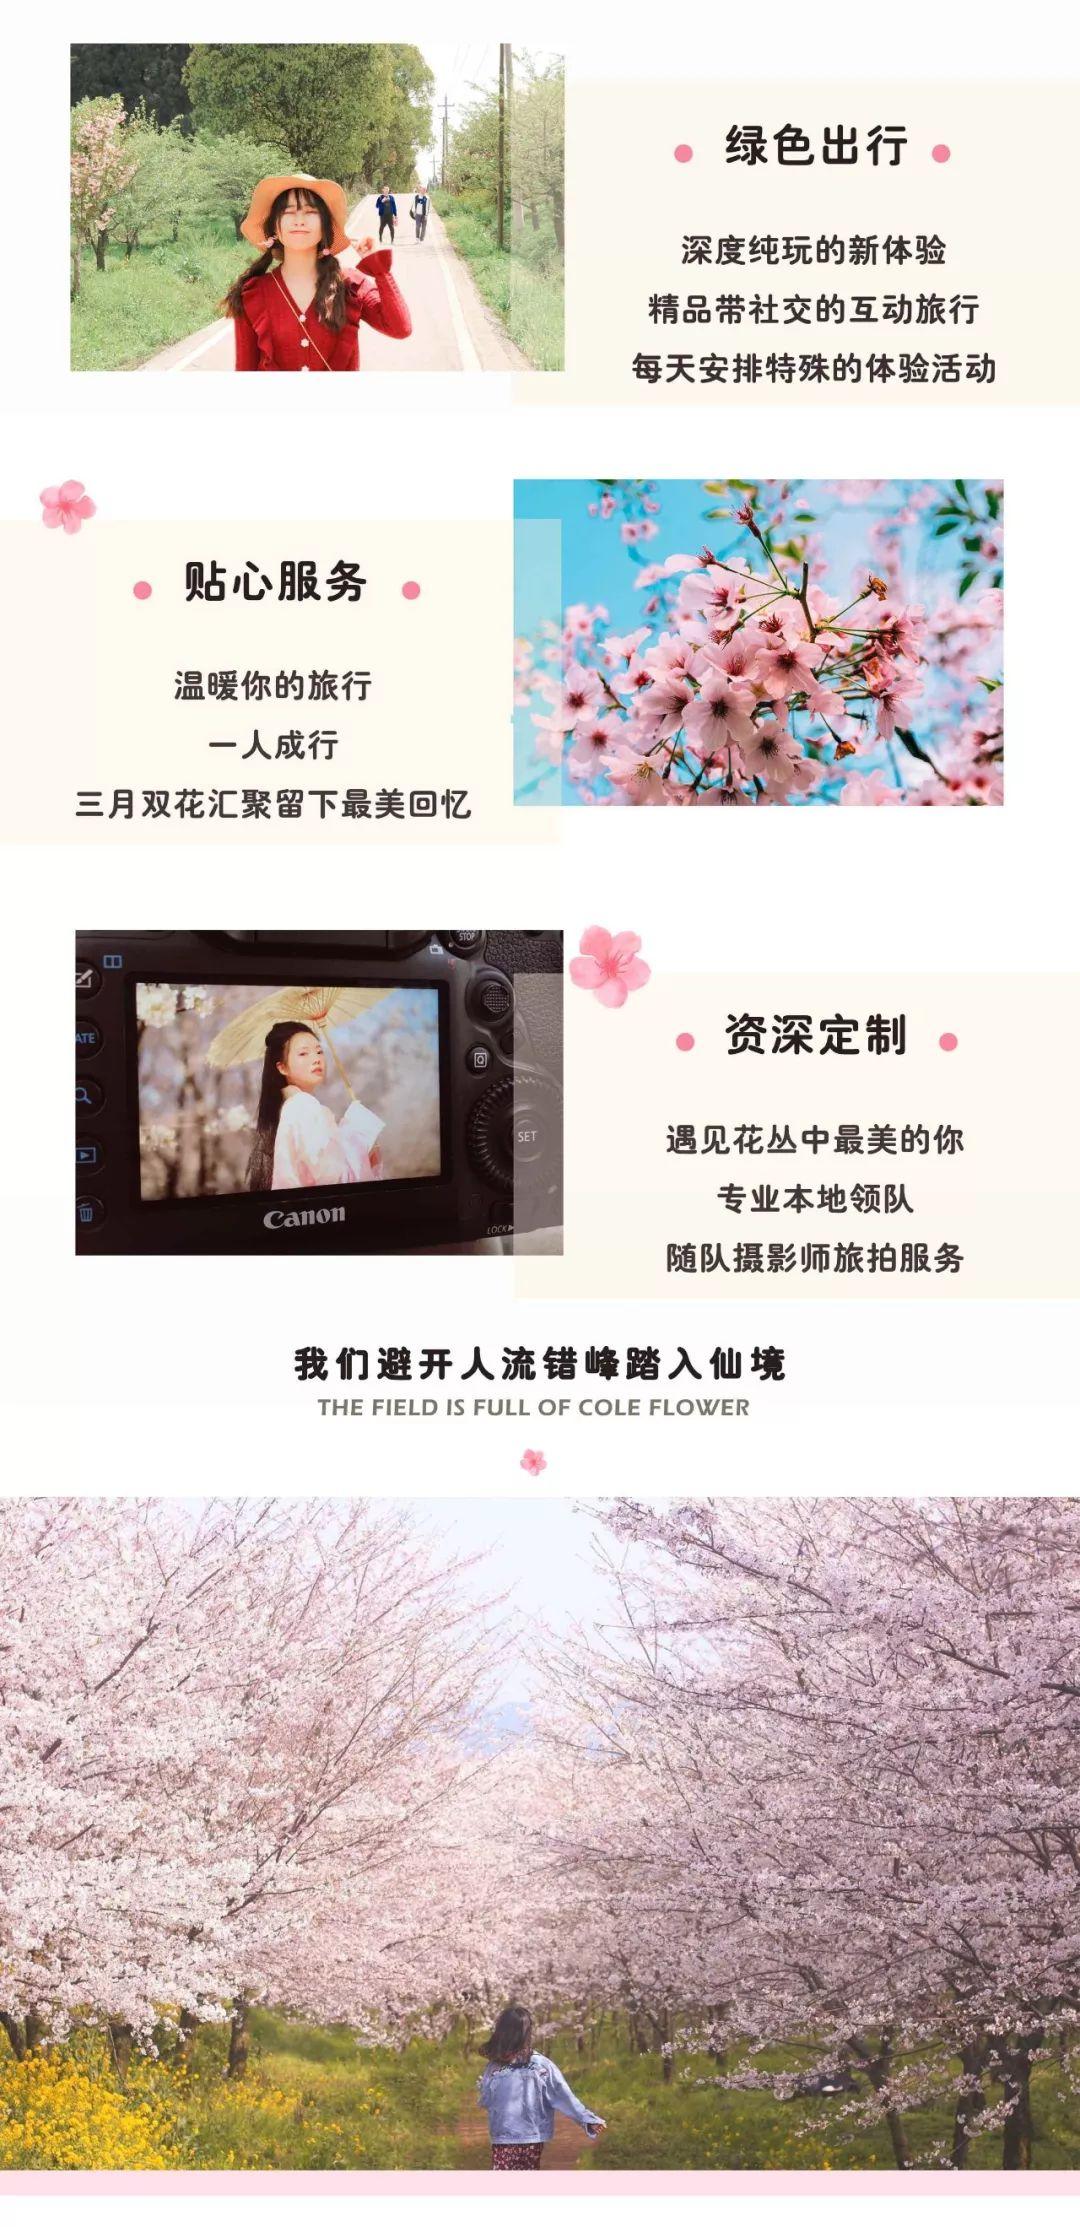 (2)2020年【遇见.樱花-花季贵州】-户外活动图-驼铃网